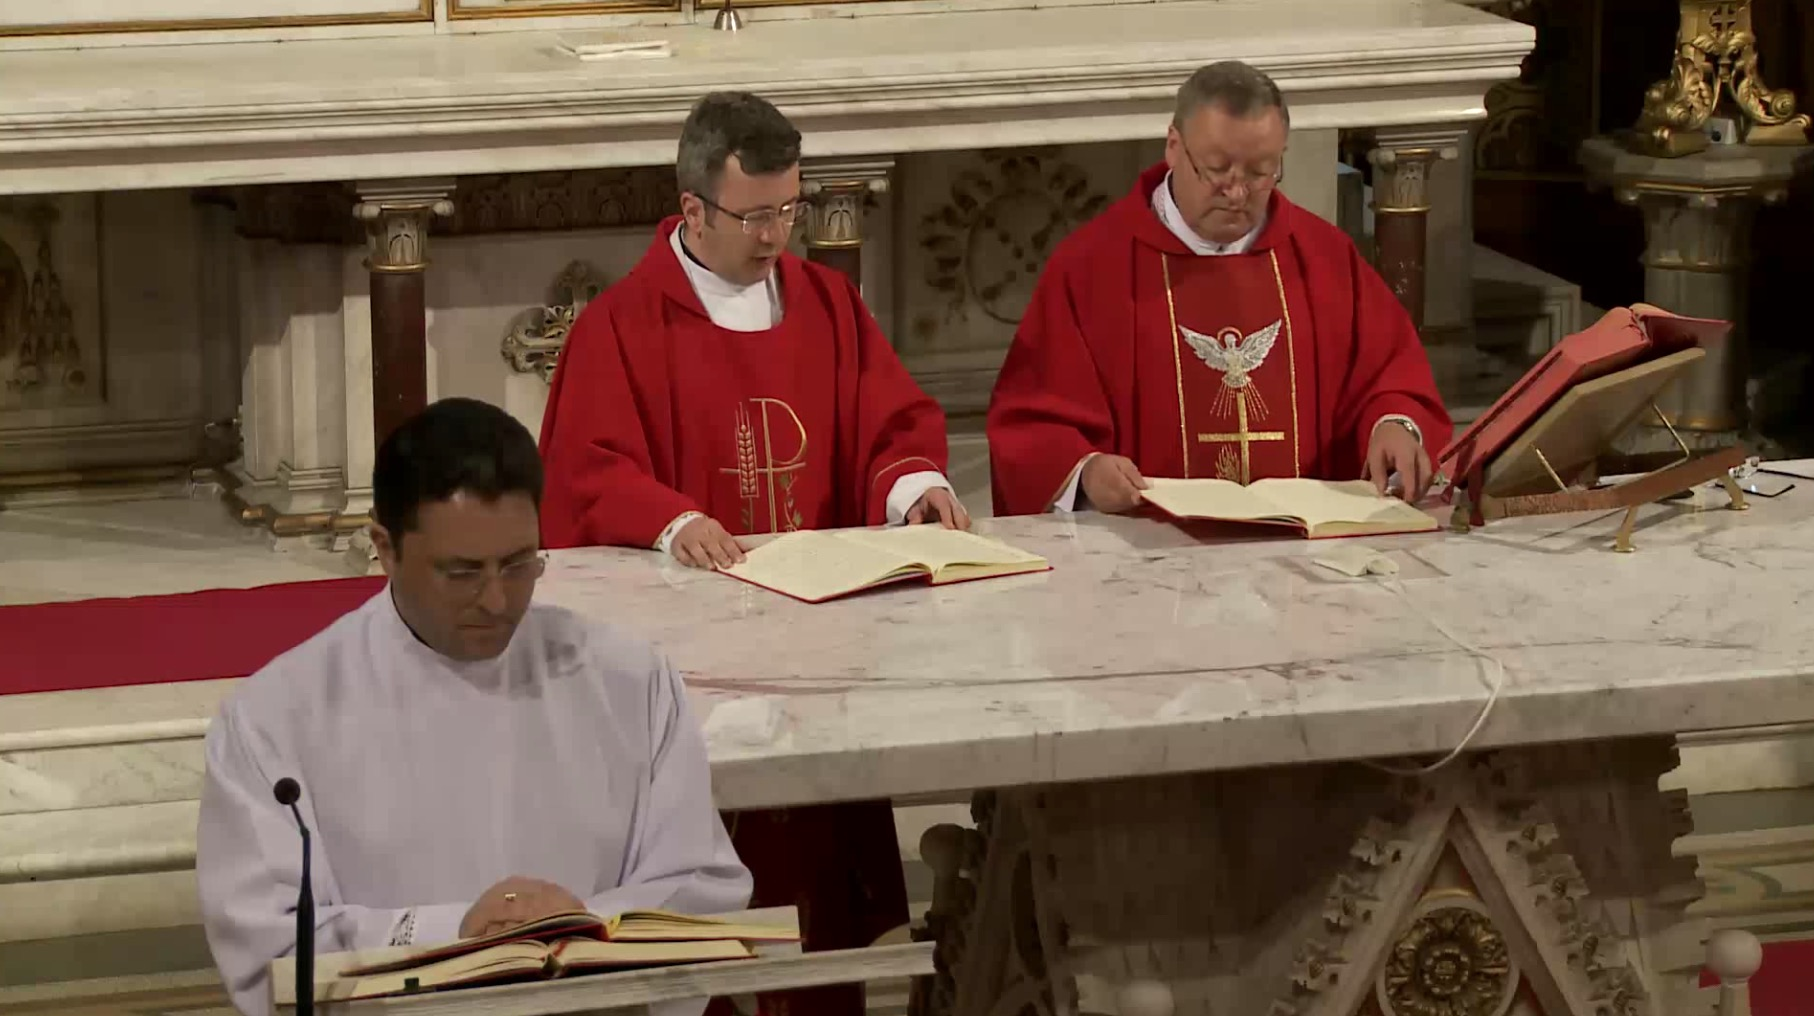 Vinerea Sfântă (Mare) la Catolici. Ce este recomandat să faci seara chiar dacă ești Ortodox